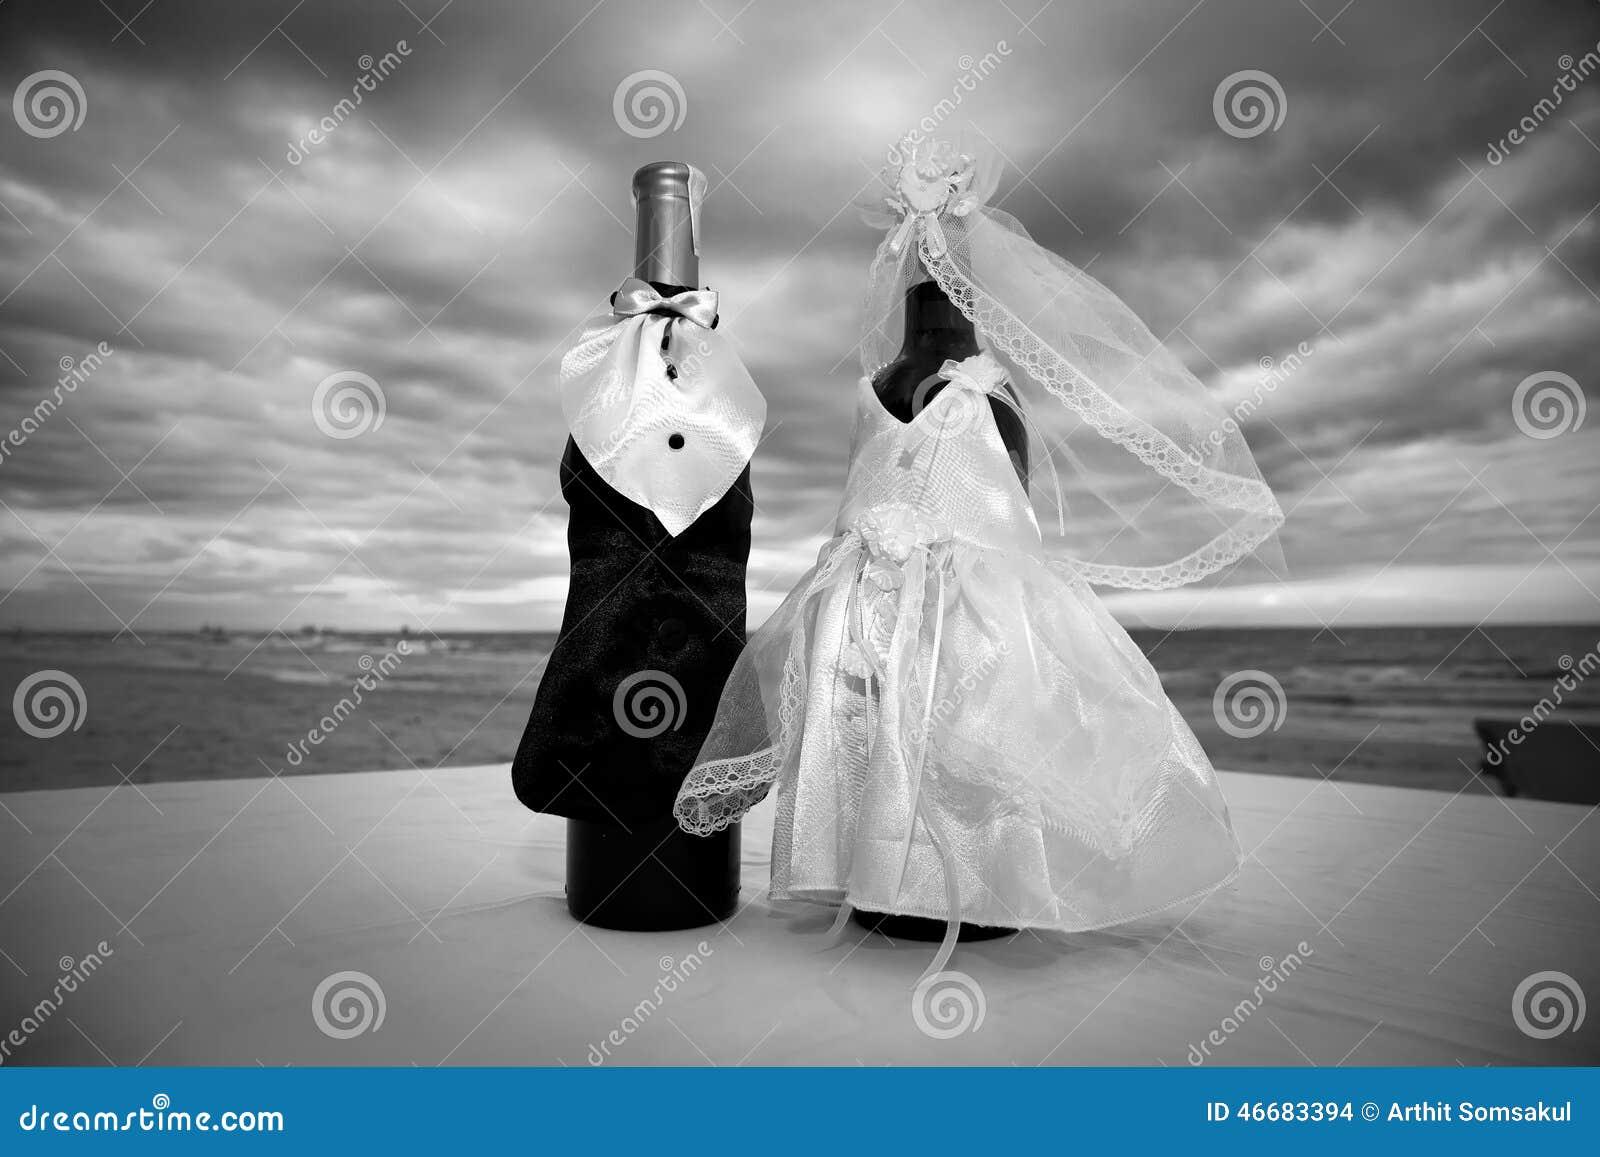 champagne met la d coration en bouteille pour le jour du mariage photo stock image 46683394. Black Bedroom Furniture Sets. Home Design Ideas